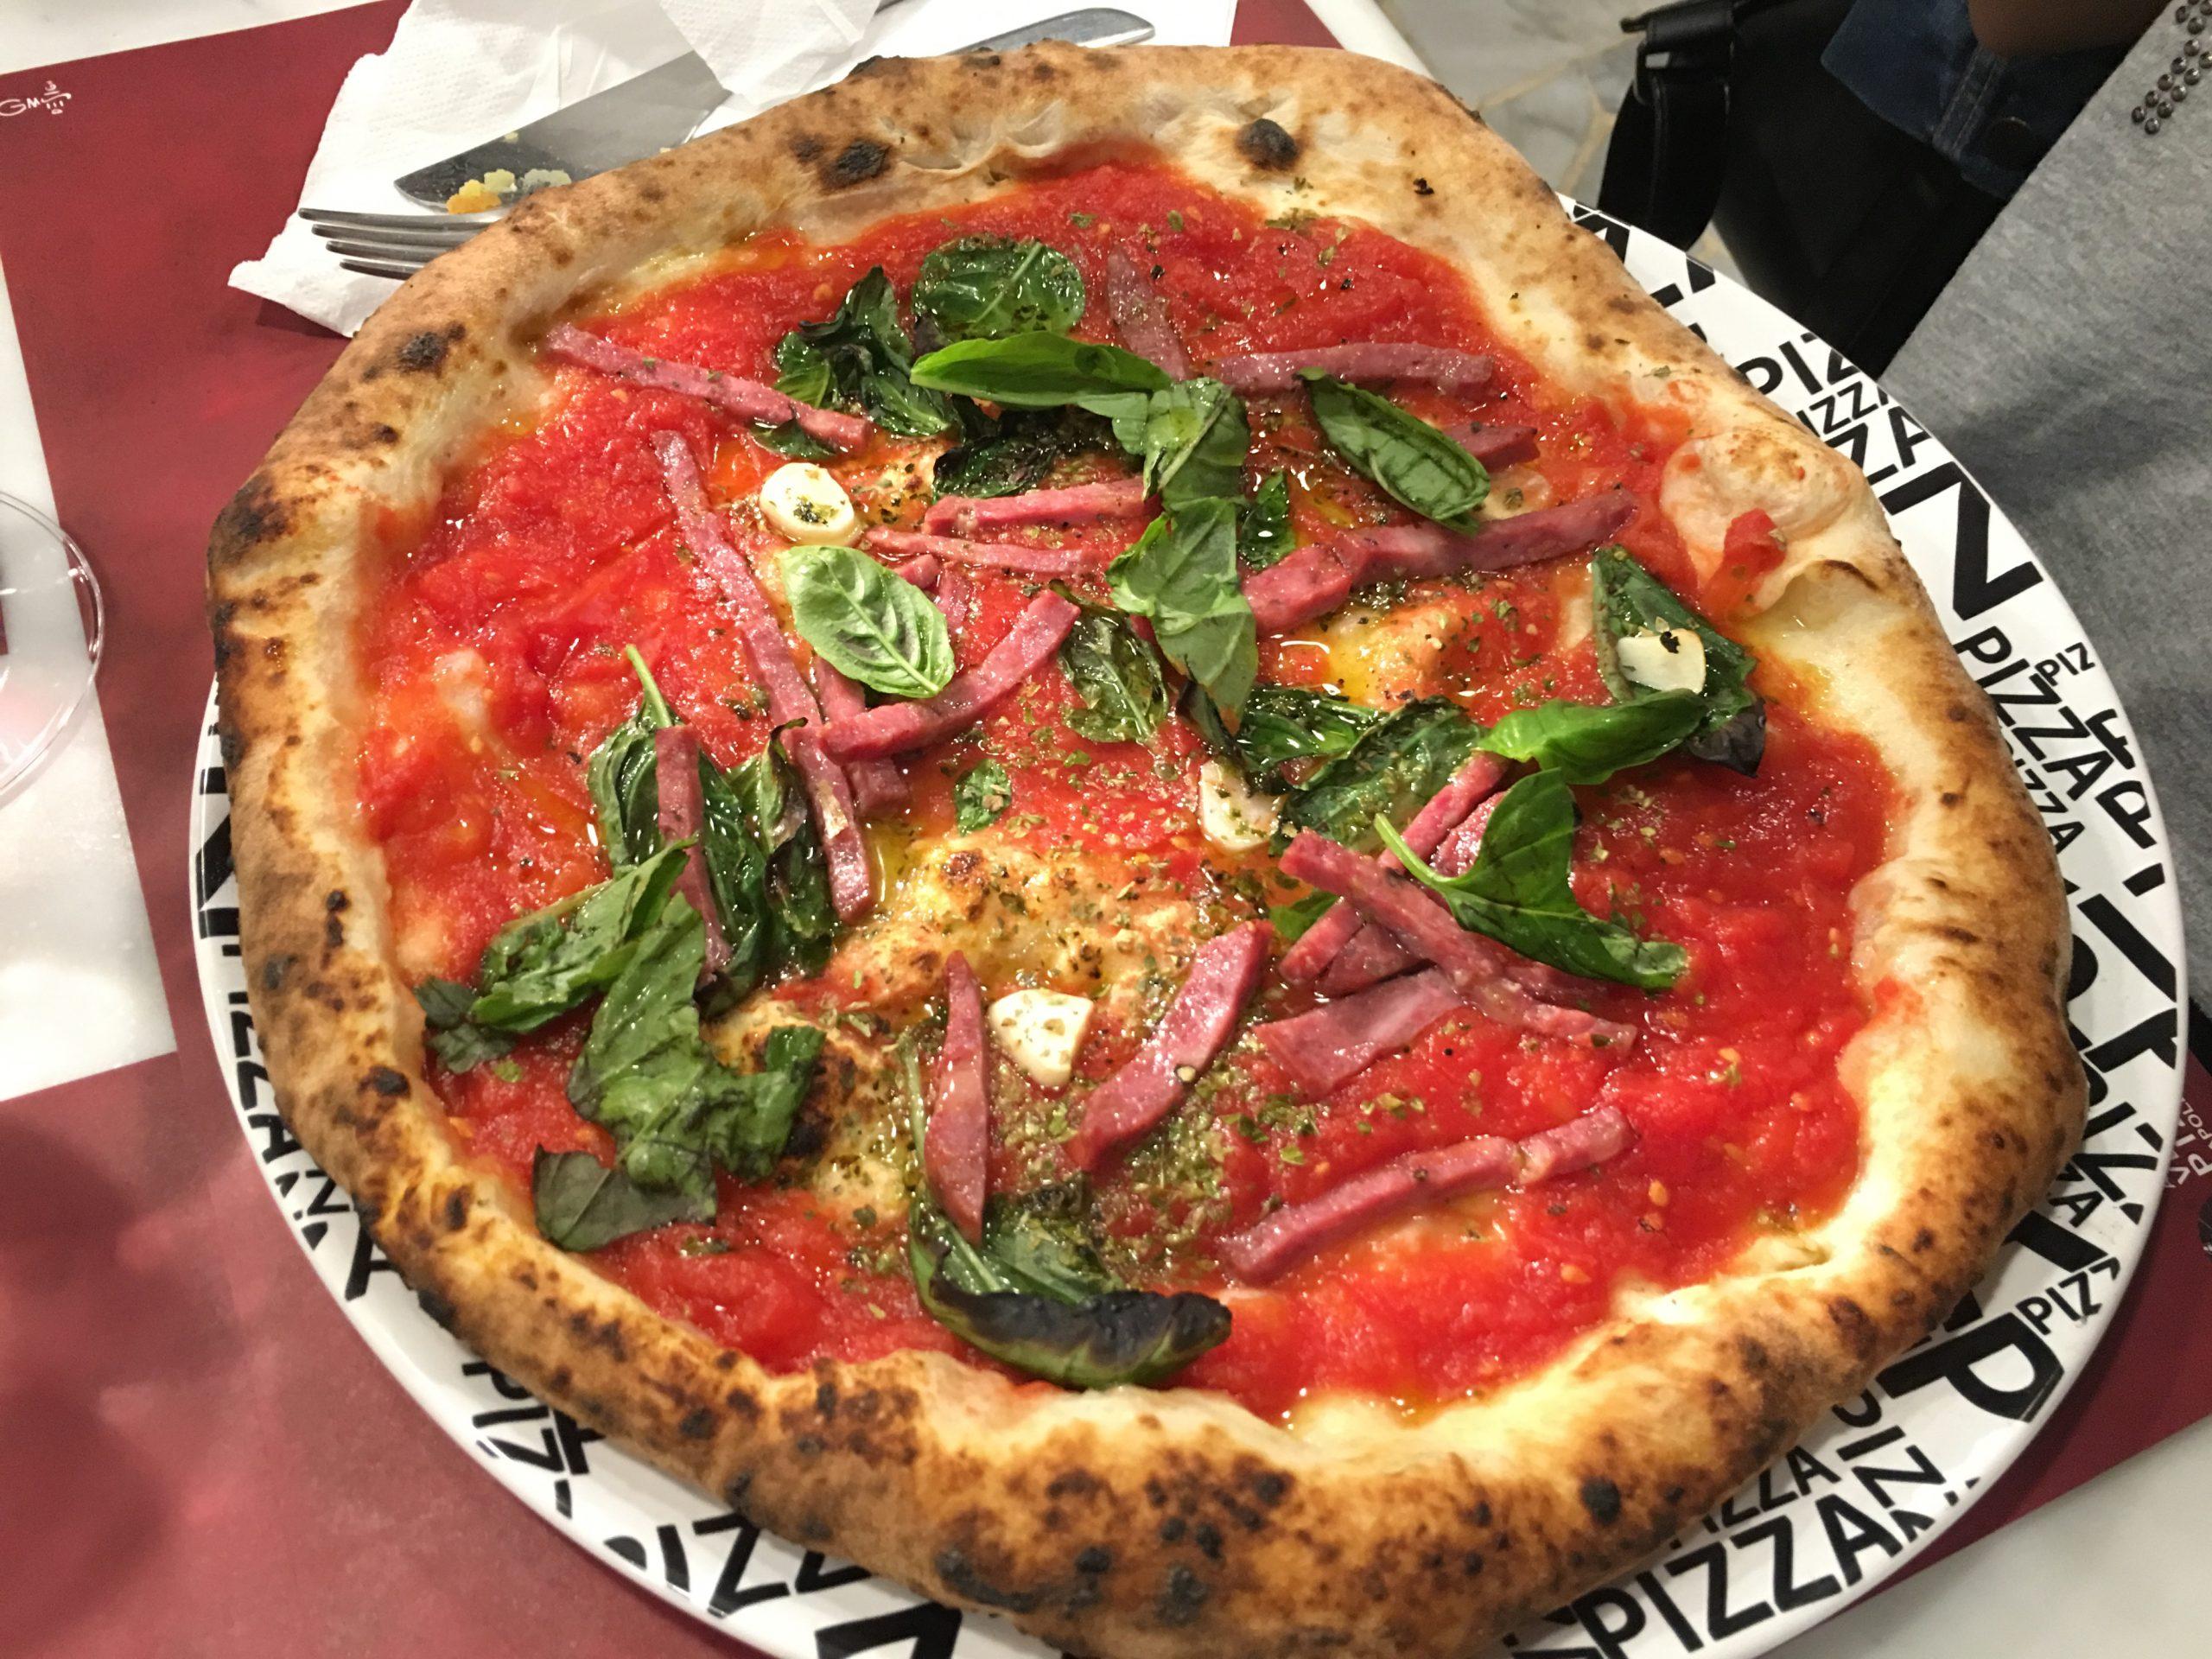 Ristorante Pizzeria Carmnella